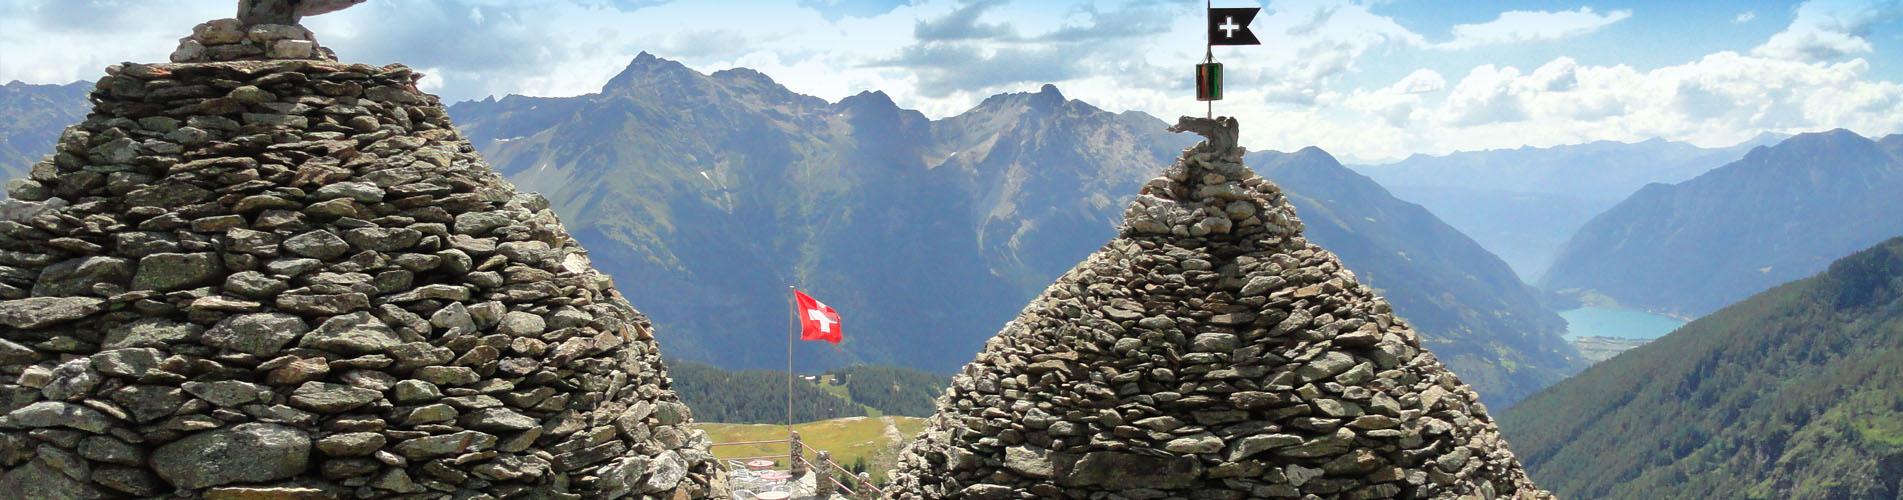 Wandern im Puschlav und Val Poschiavo, Graubünden: Berninapass (Passo del Bernina), Lago Bianco, Alp Grüm, Sassal Masone, Cavaglia, Rifugio Saoseo, Lagh da Saoseo uvm. Ein Paradies für Wanderungen!